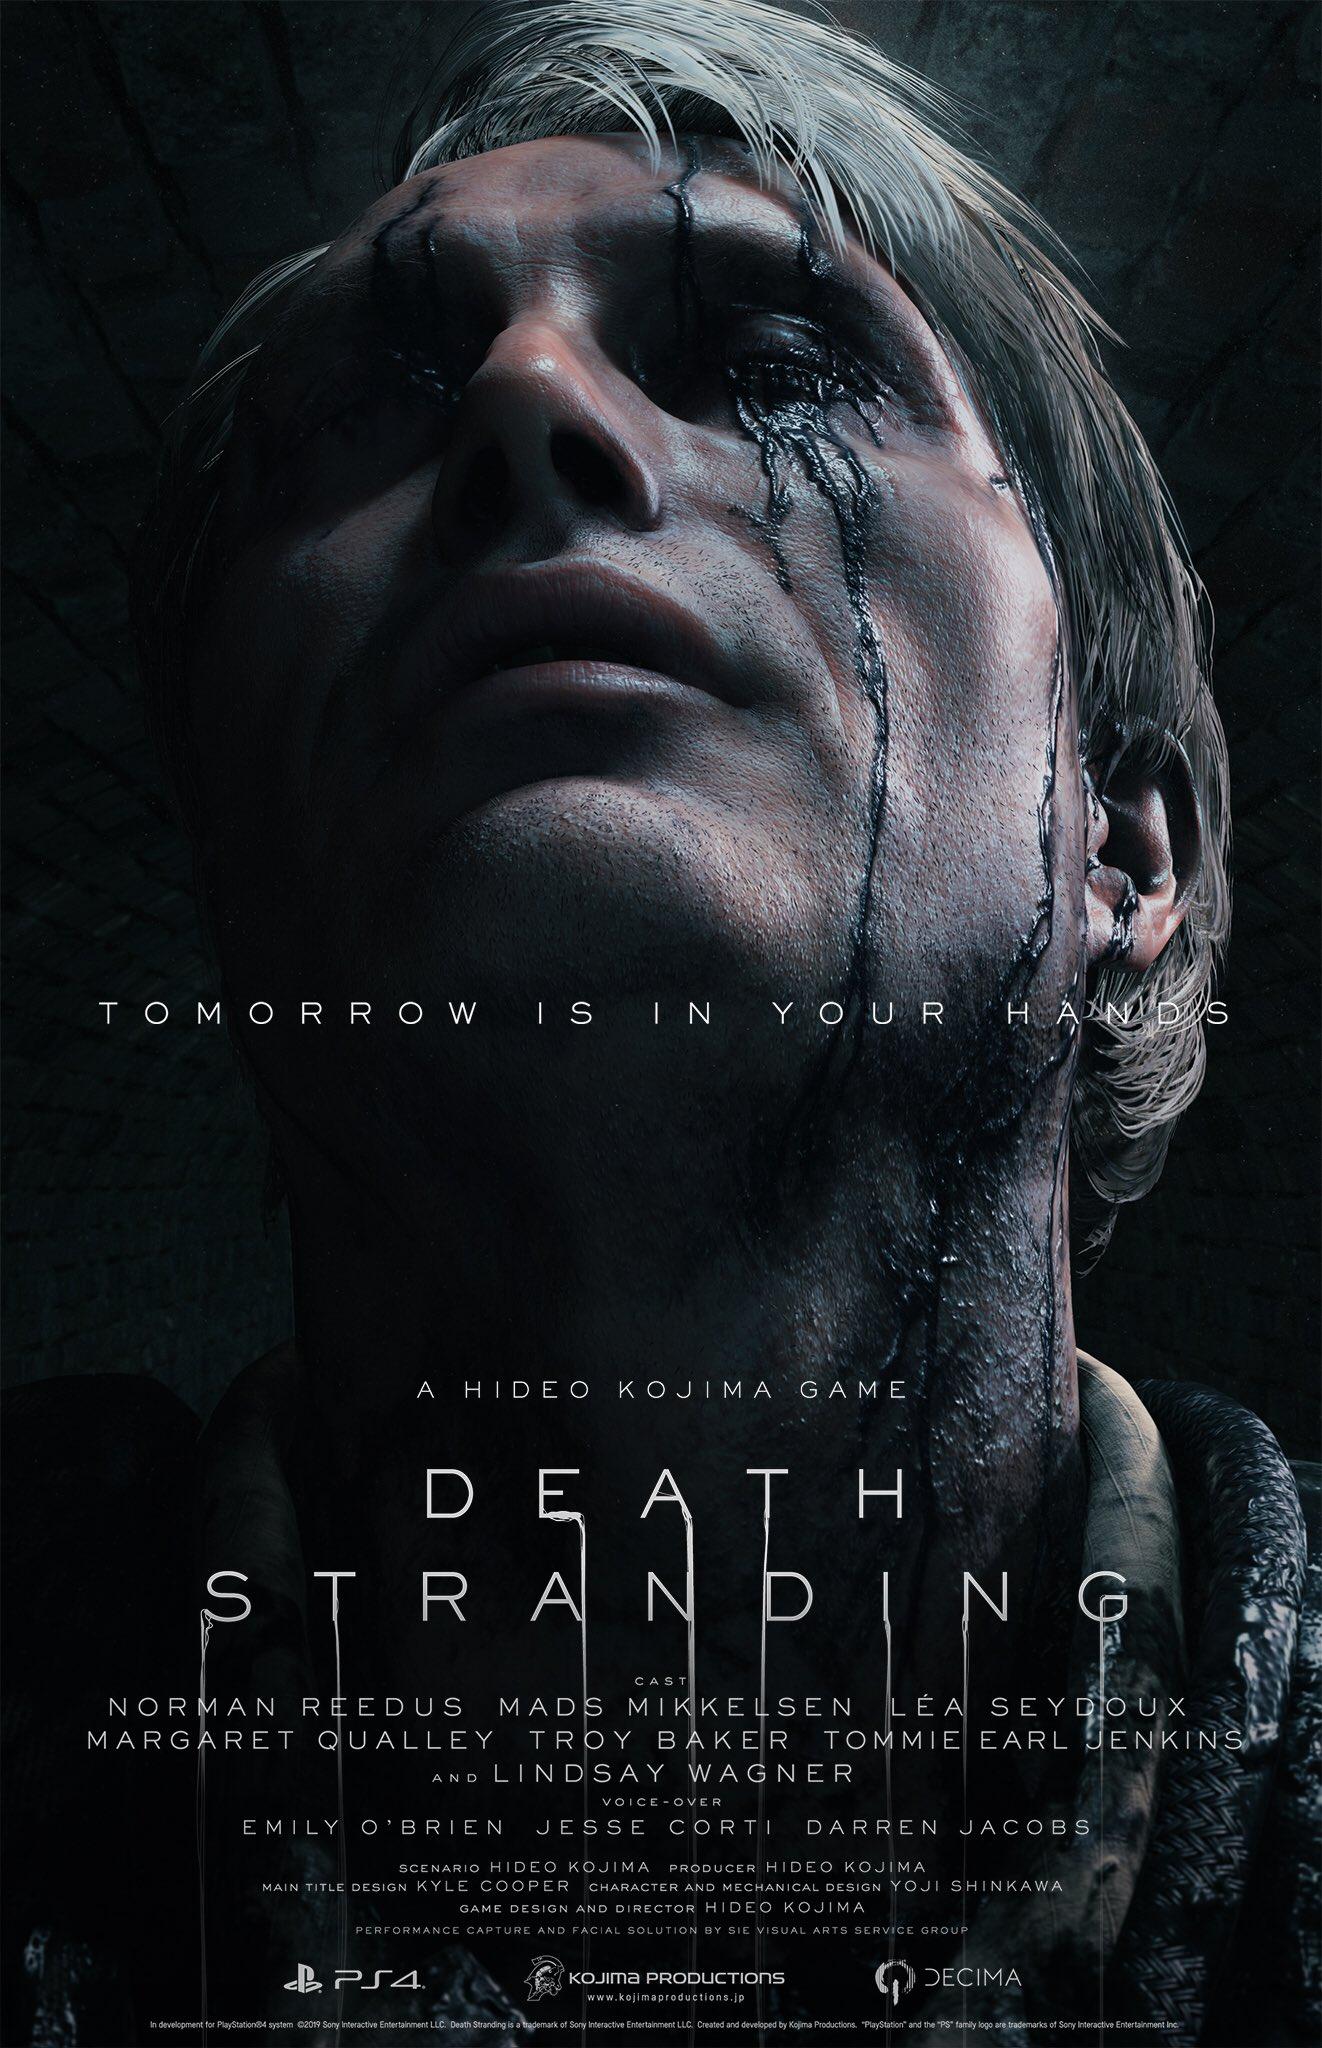 4 20 - 小島秀夫監督の『デス・ストランディング』発売日が11月8日に決定! 最新トレーラーも公開。神ゲーオーラに震えろ